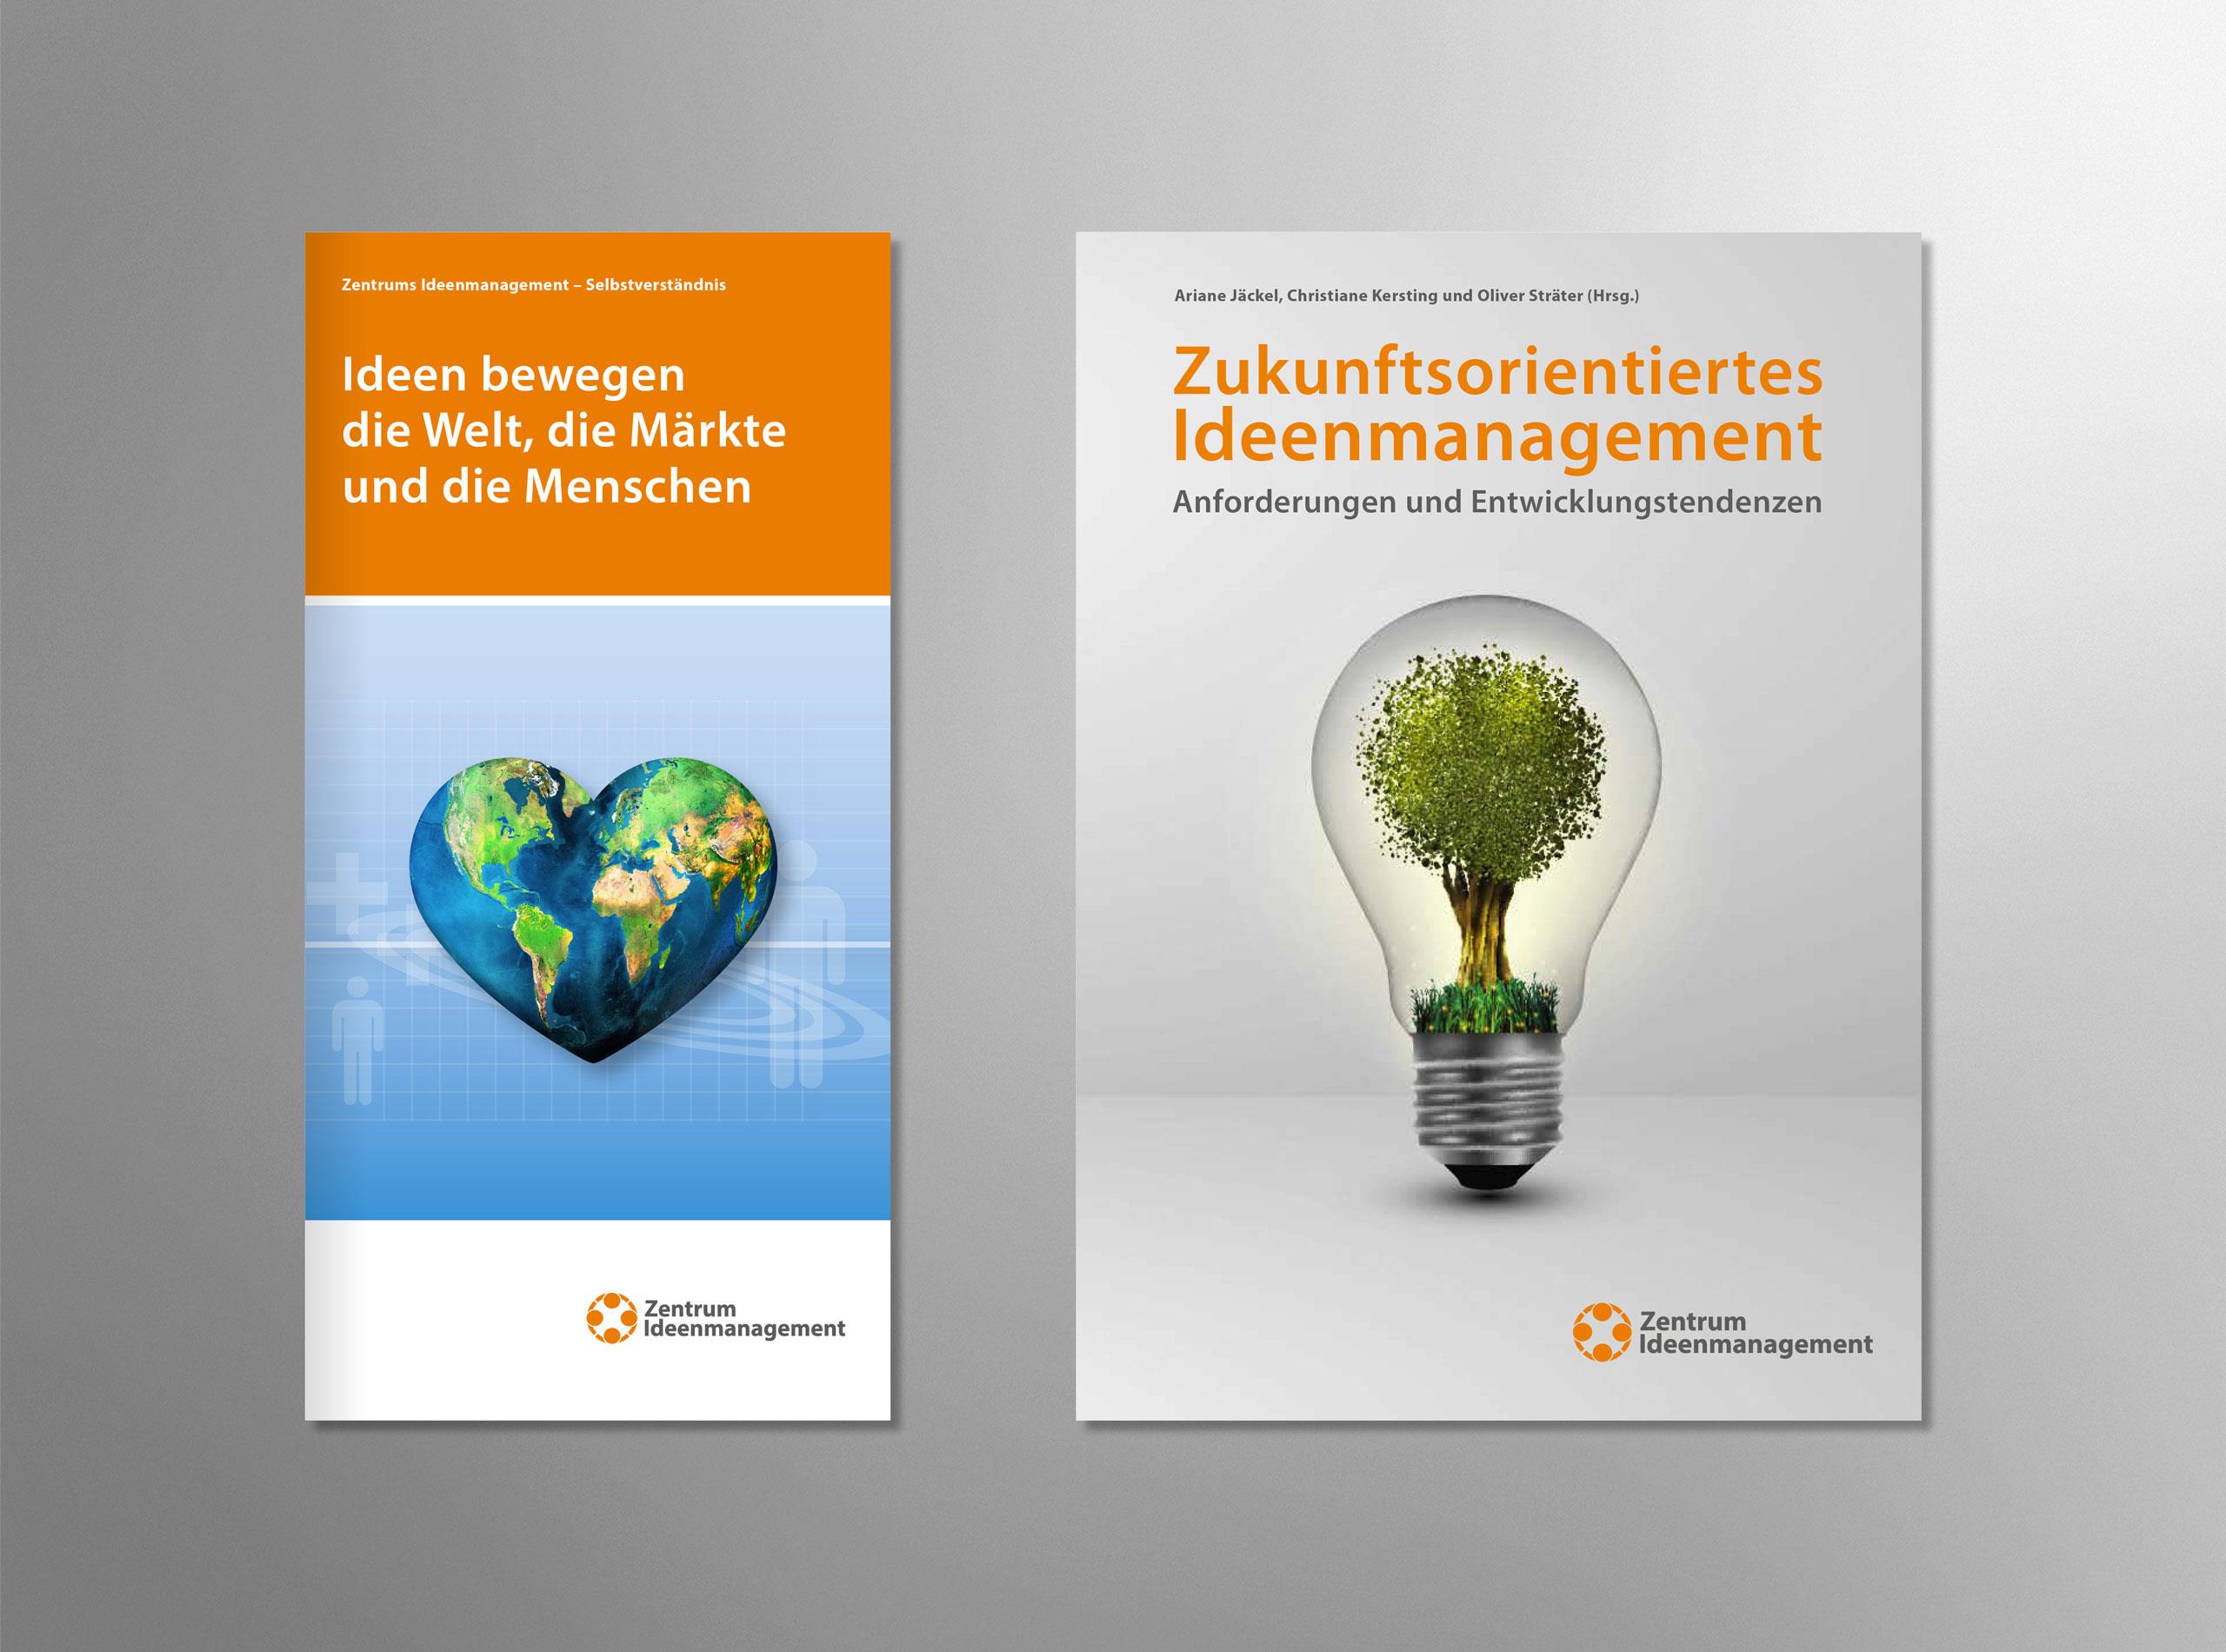 Zentrum Ideenmanagement Flyer und Buchumschlag-Gestaltung 2